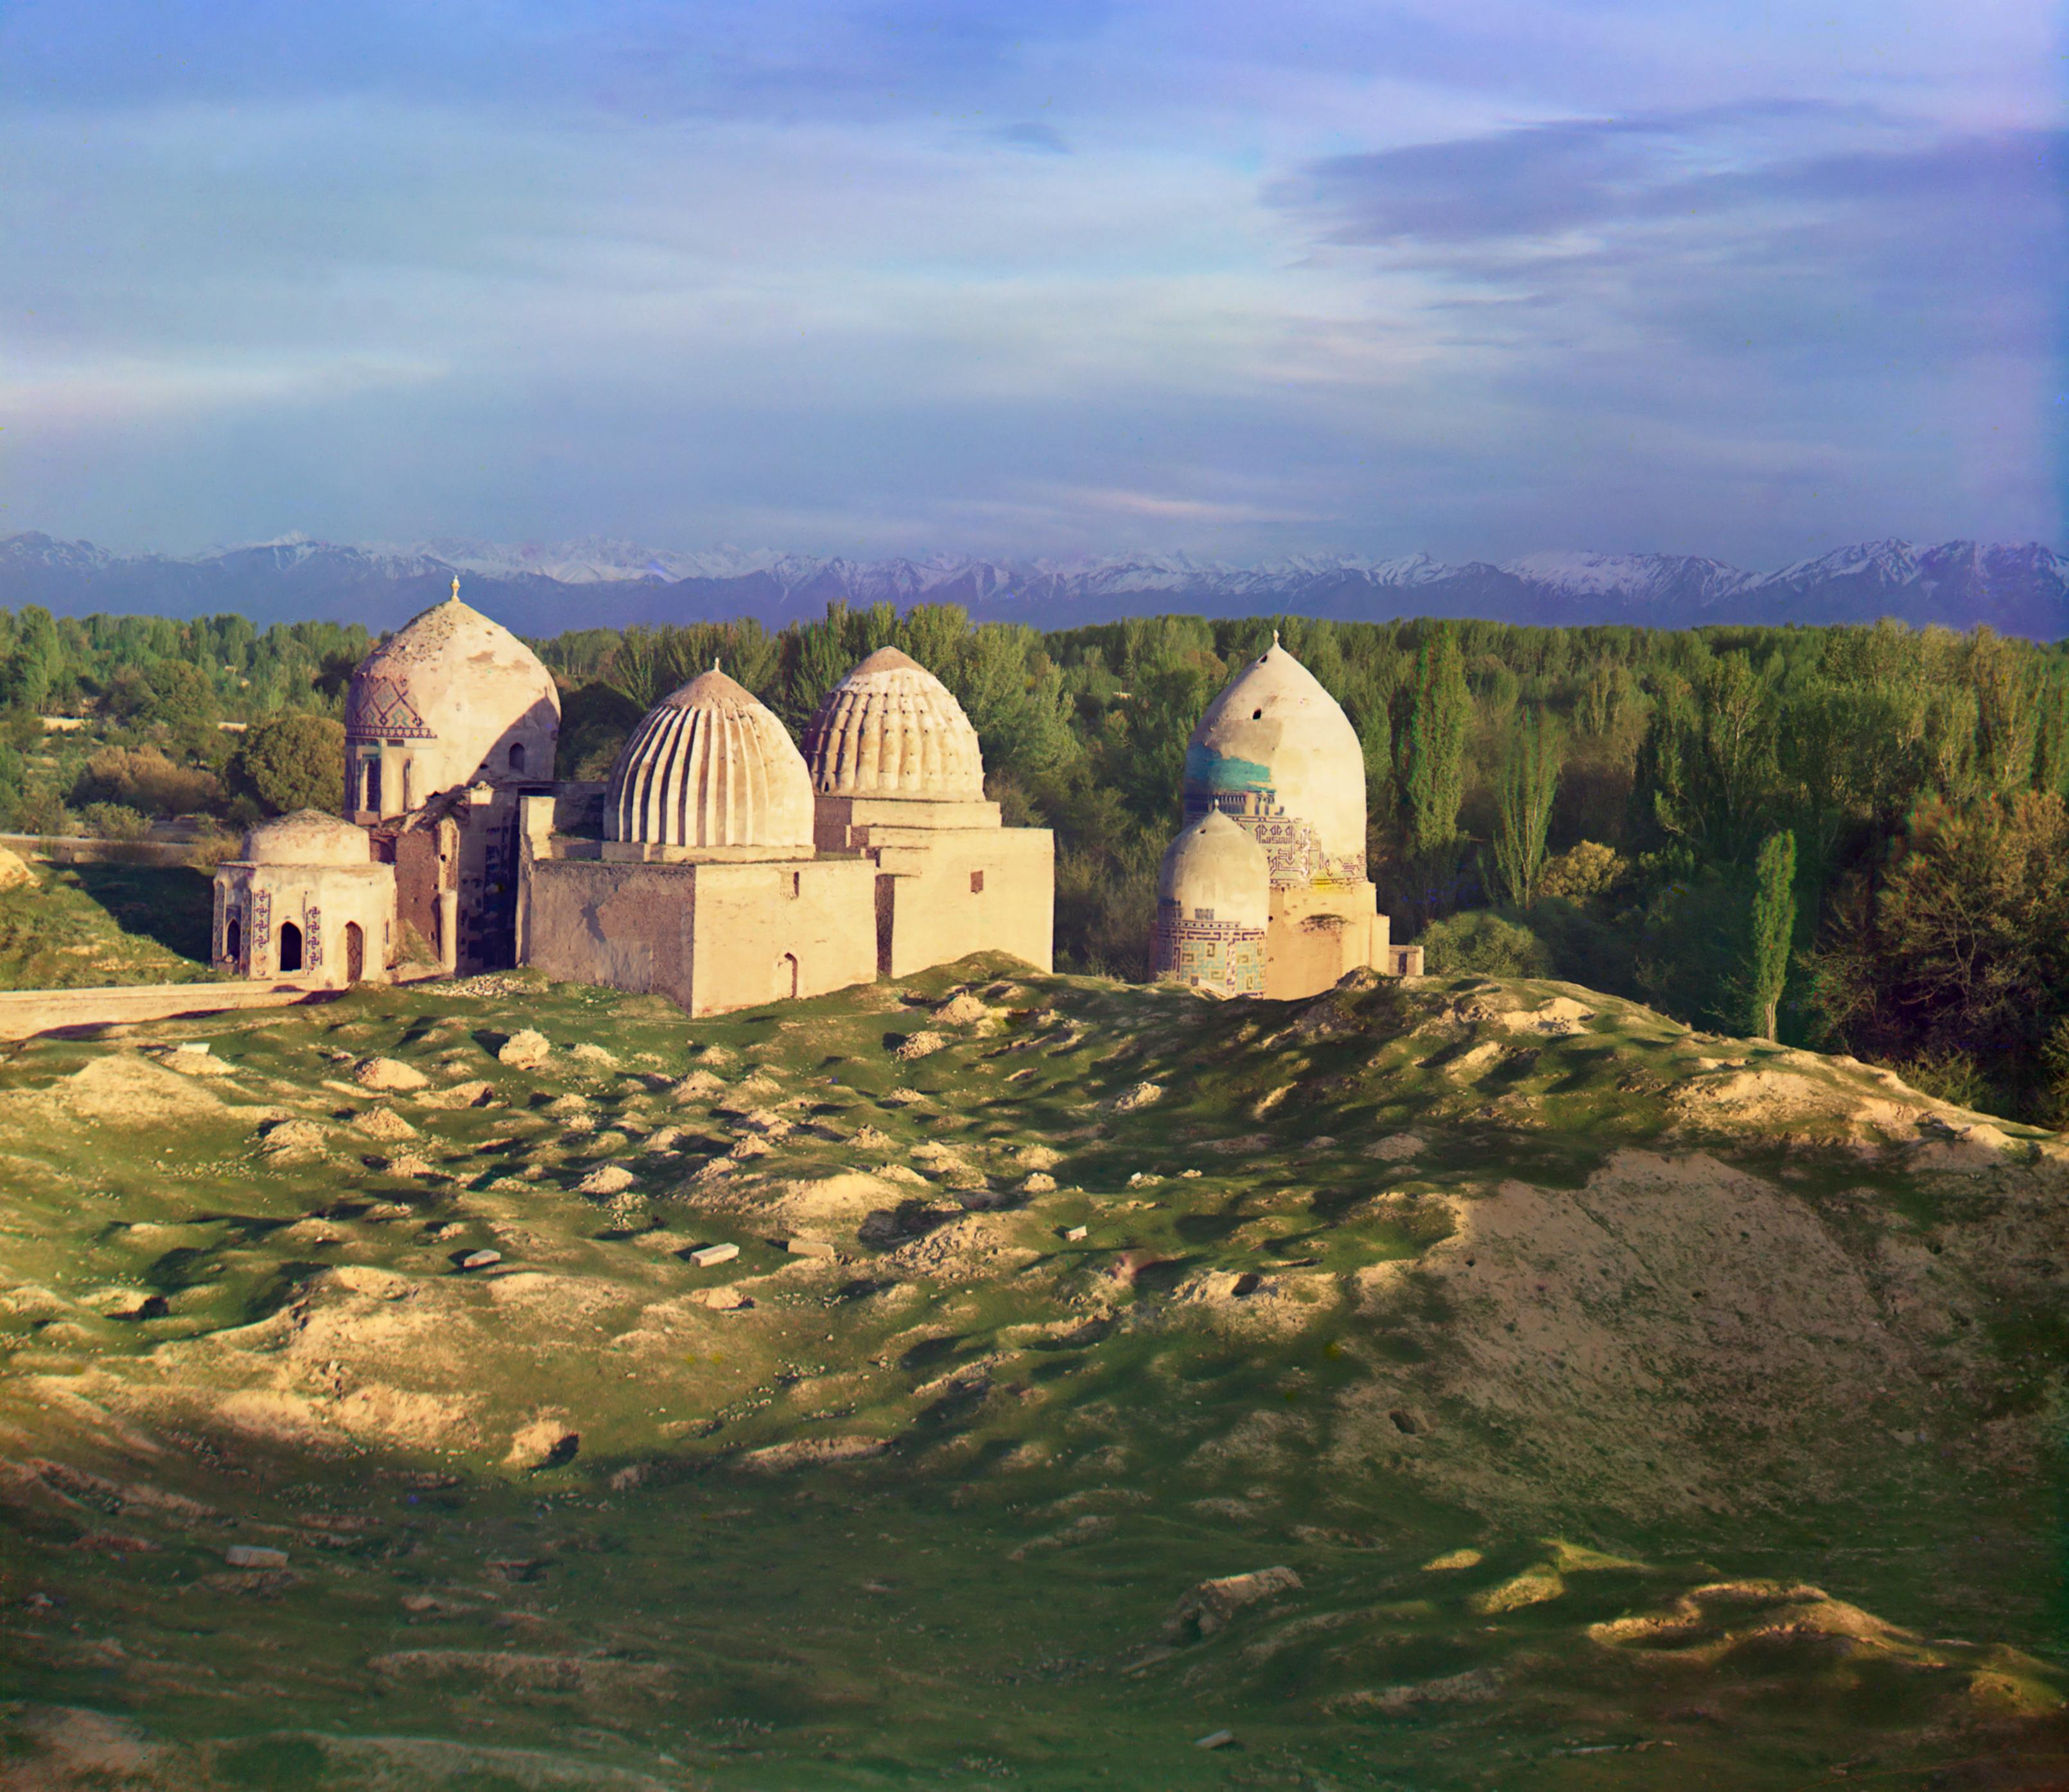 Самарканд был окружен оазисами и сельскохозяйственными районами